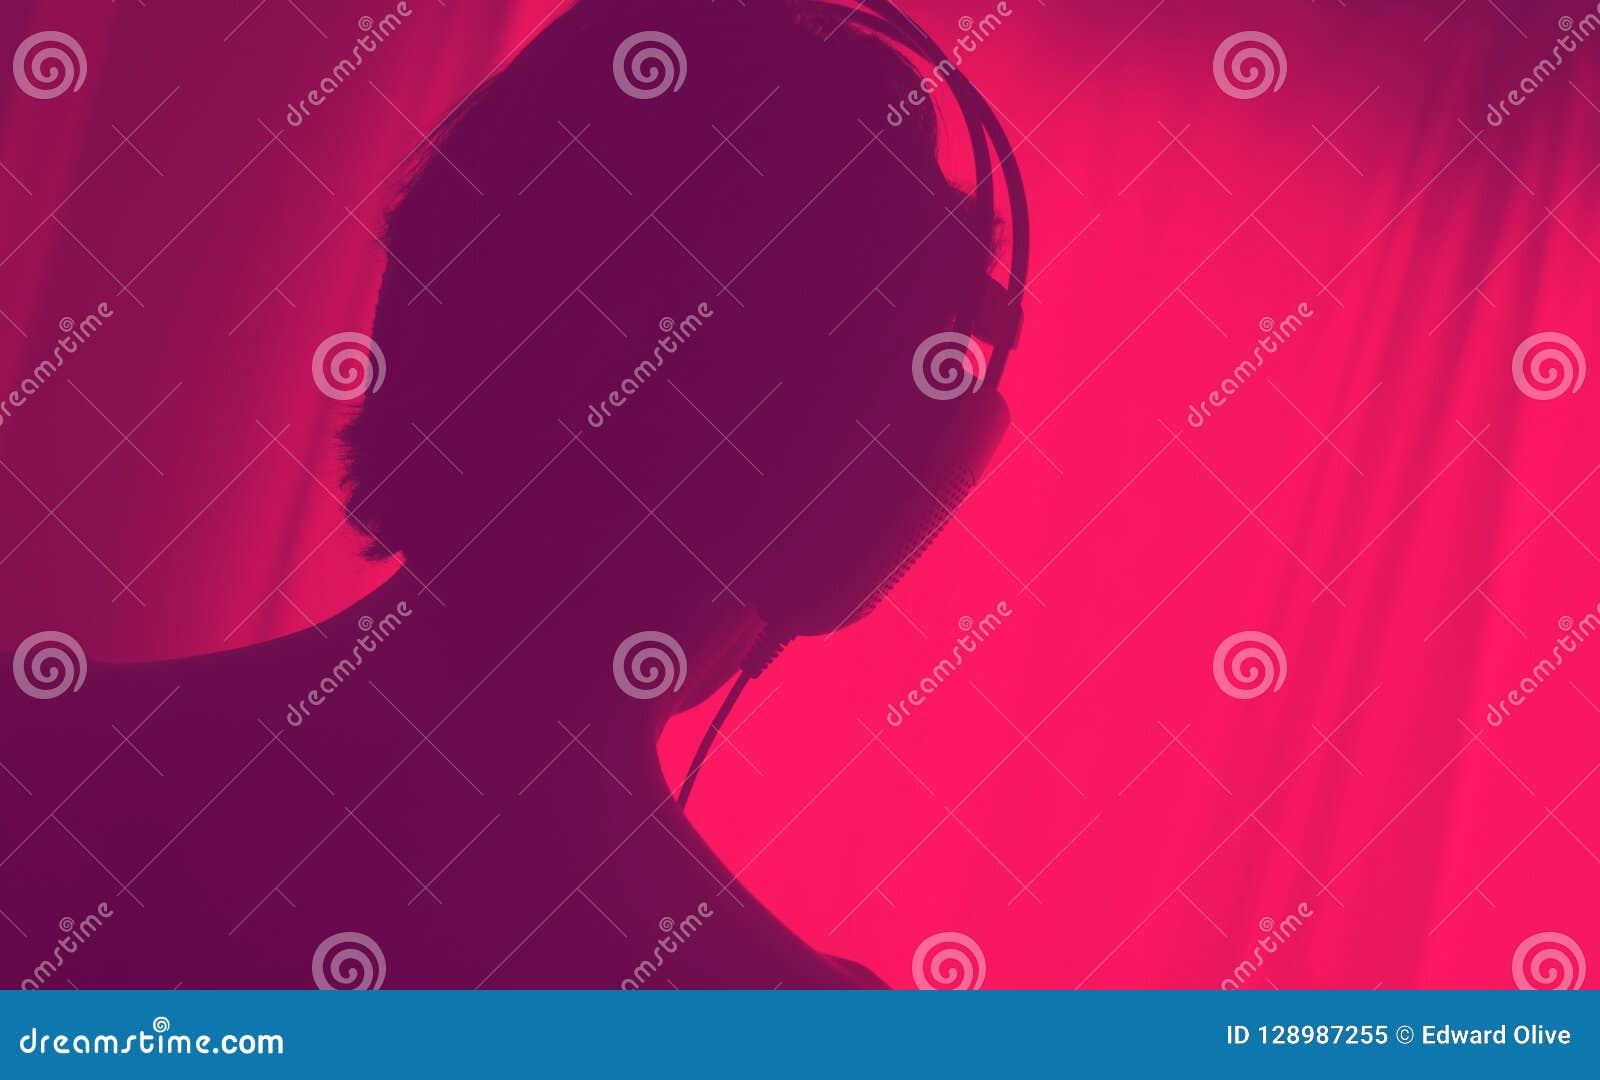 Женские наушники женщины диск-жокея DJ